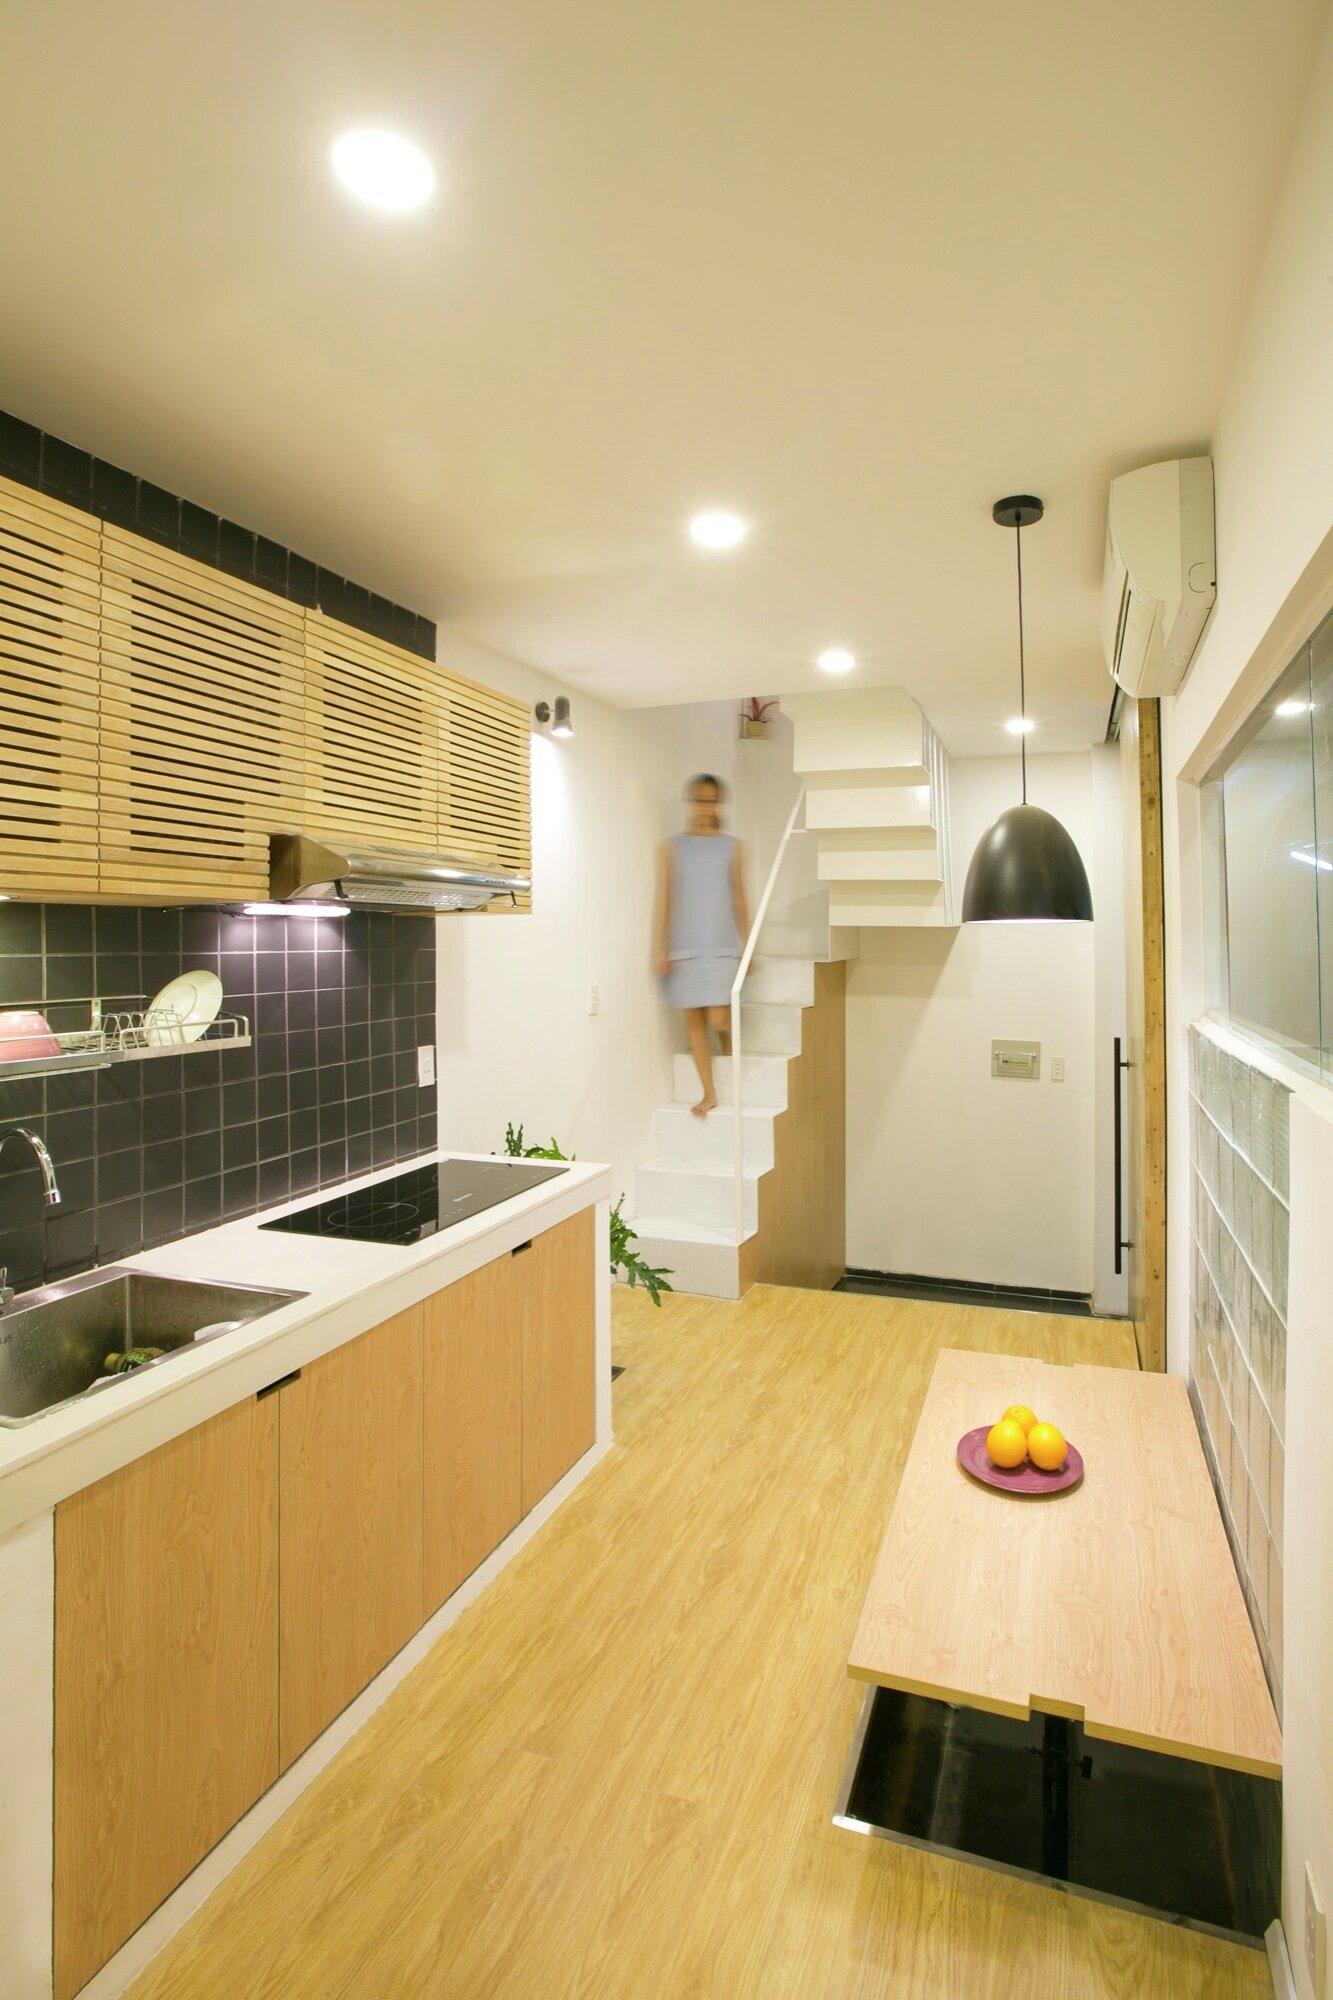 2.5 House - Khuon Studio - Vietnam - Kitchen - Humble Homes